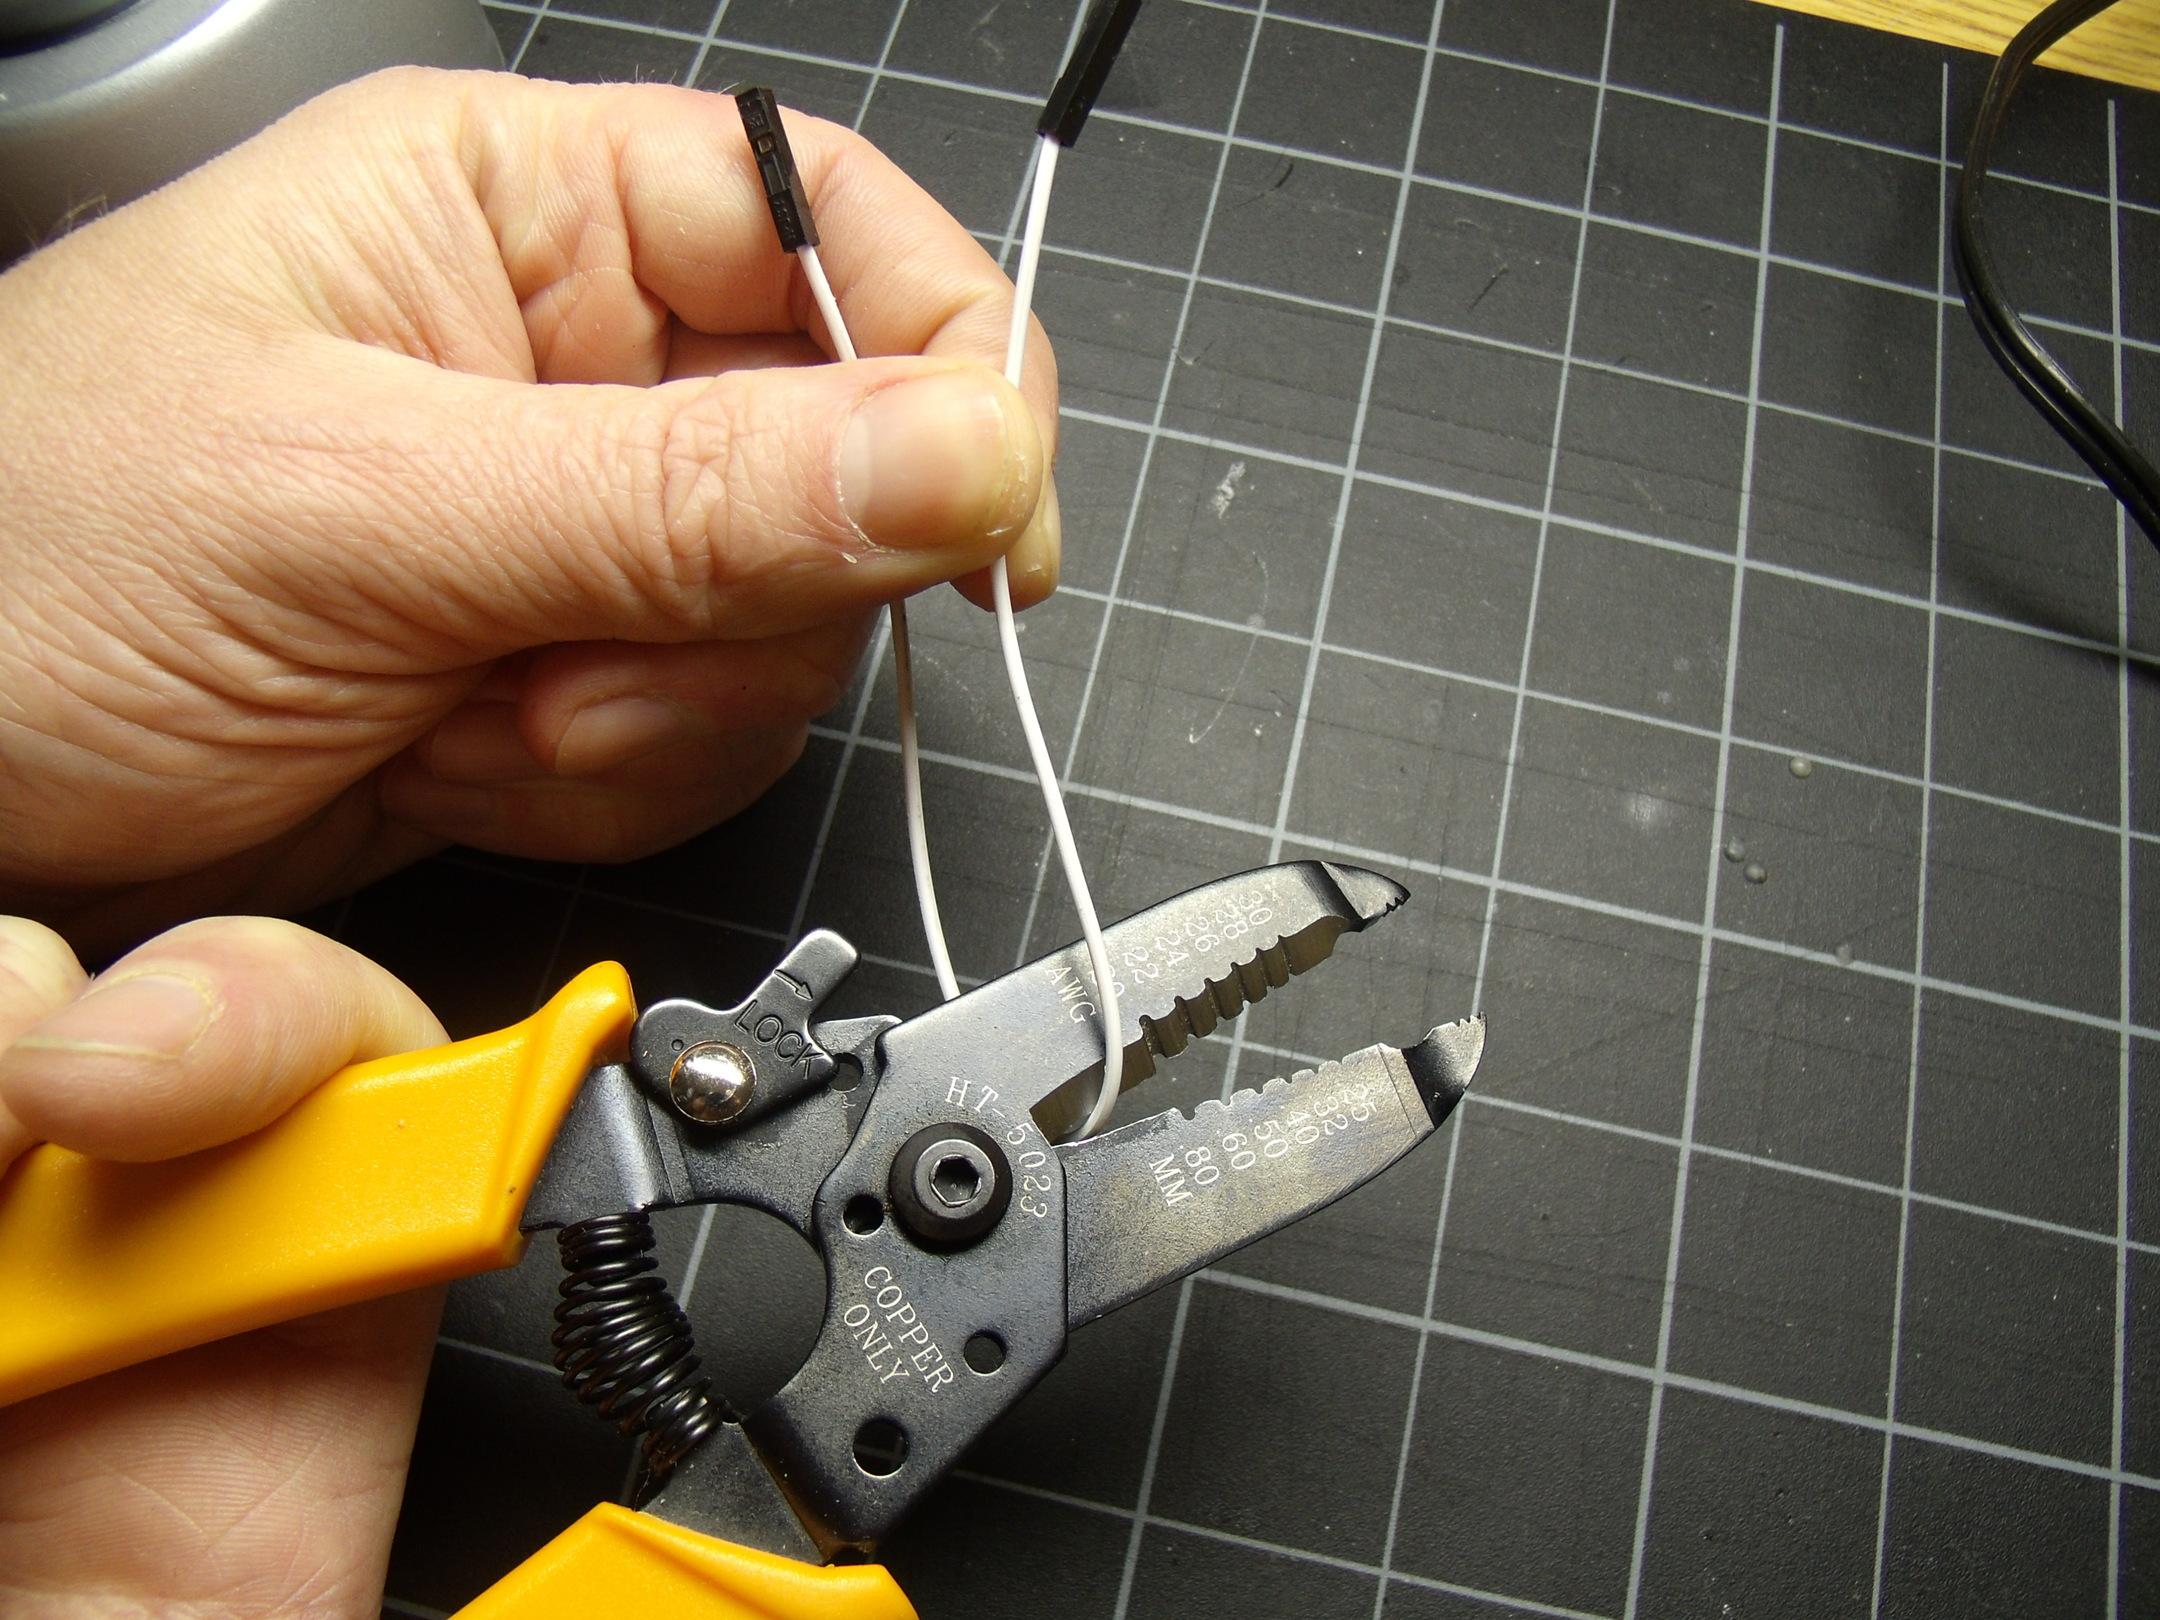 hacks_015_cut_the_jumper_wire.resized.jpg